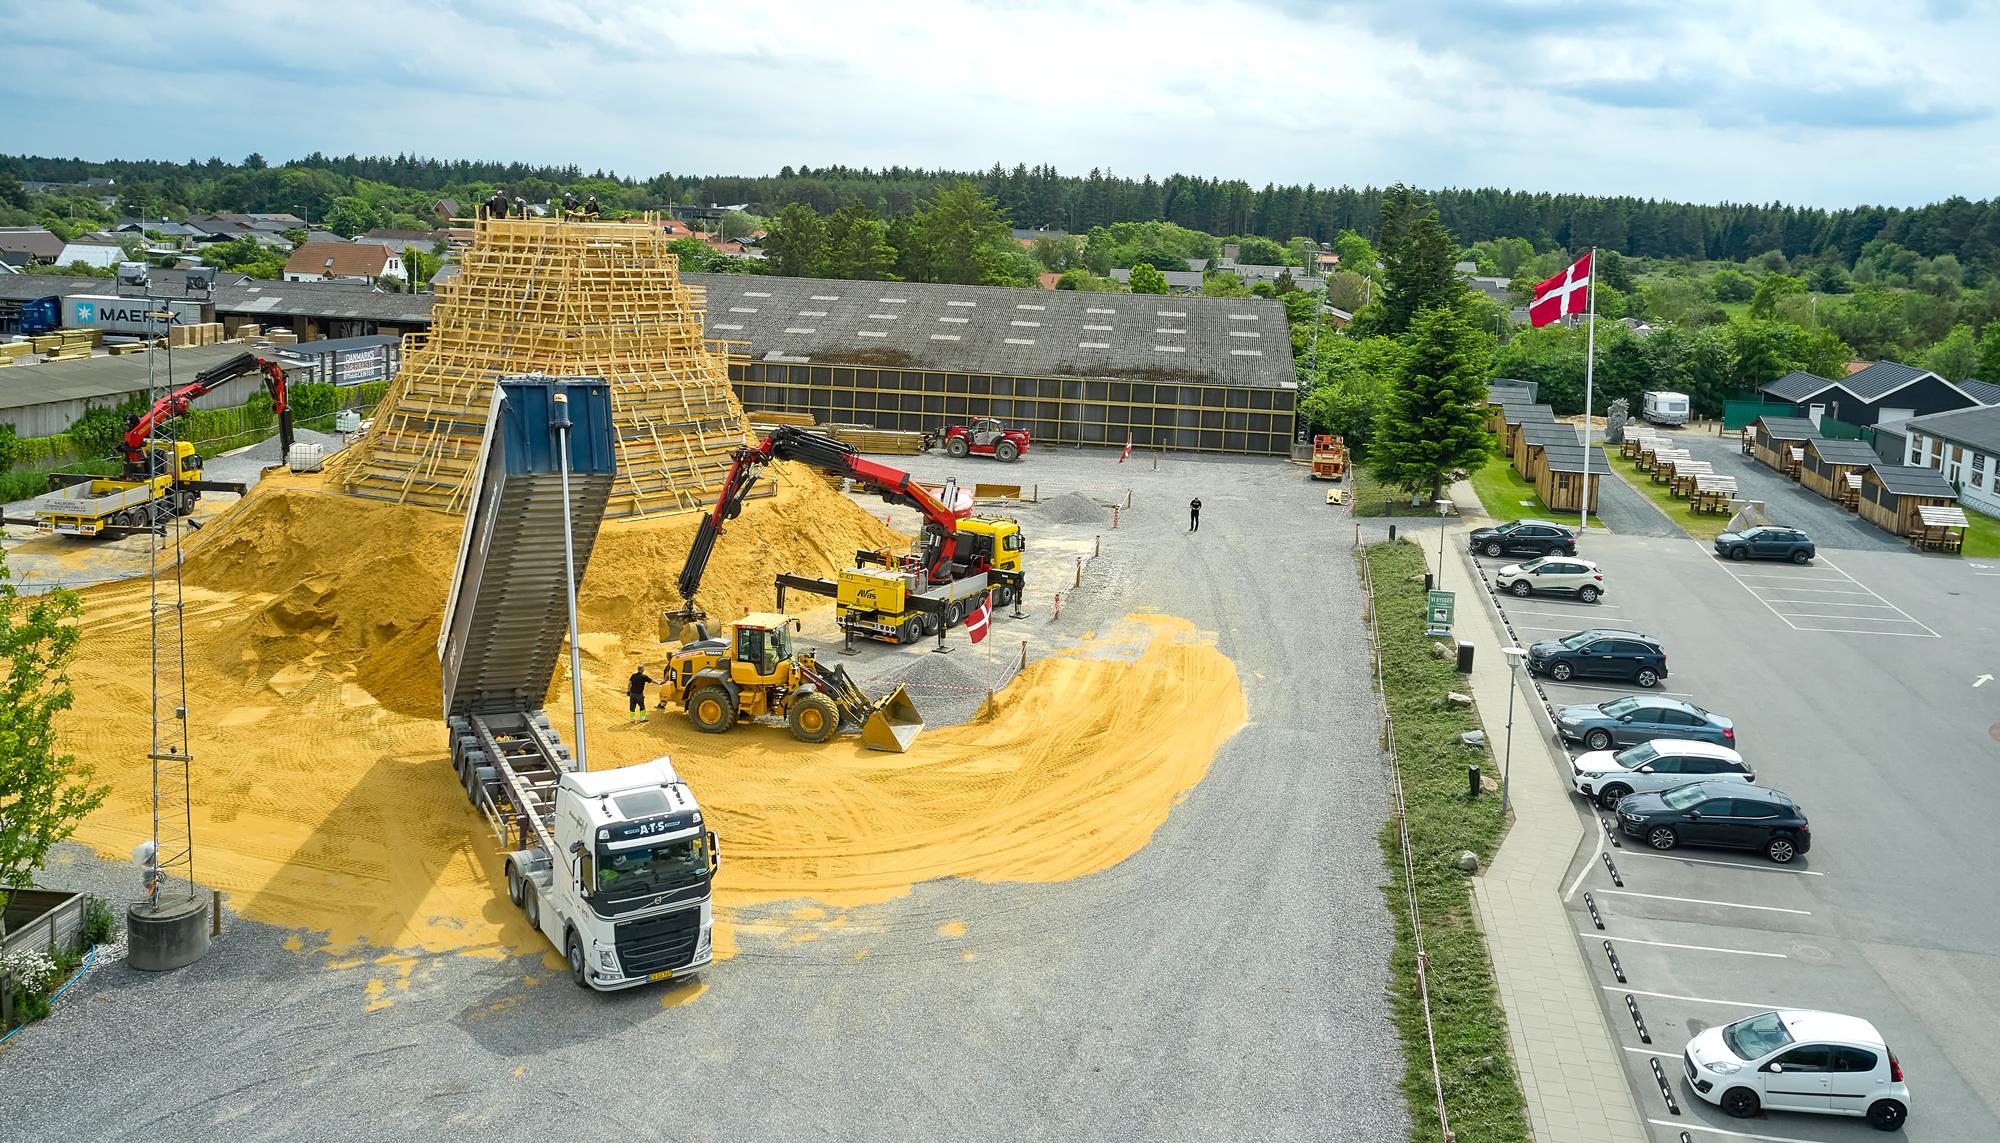 Står færdig i juli: Verdens største sandslot opføres i Blokhus